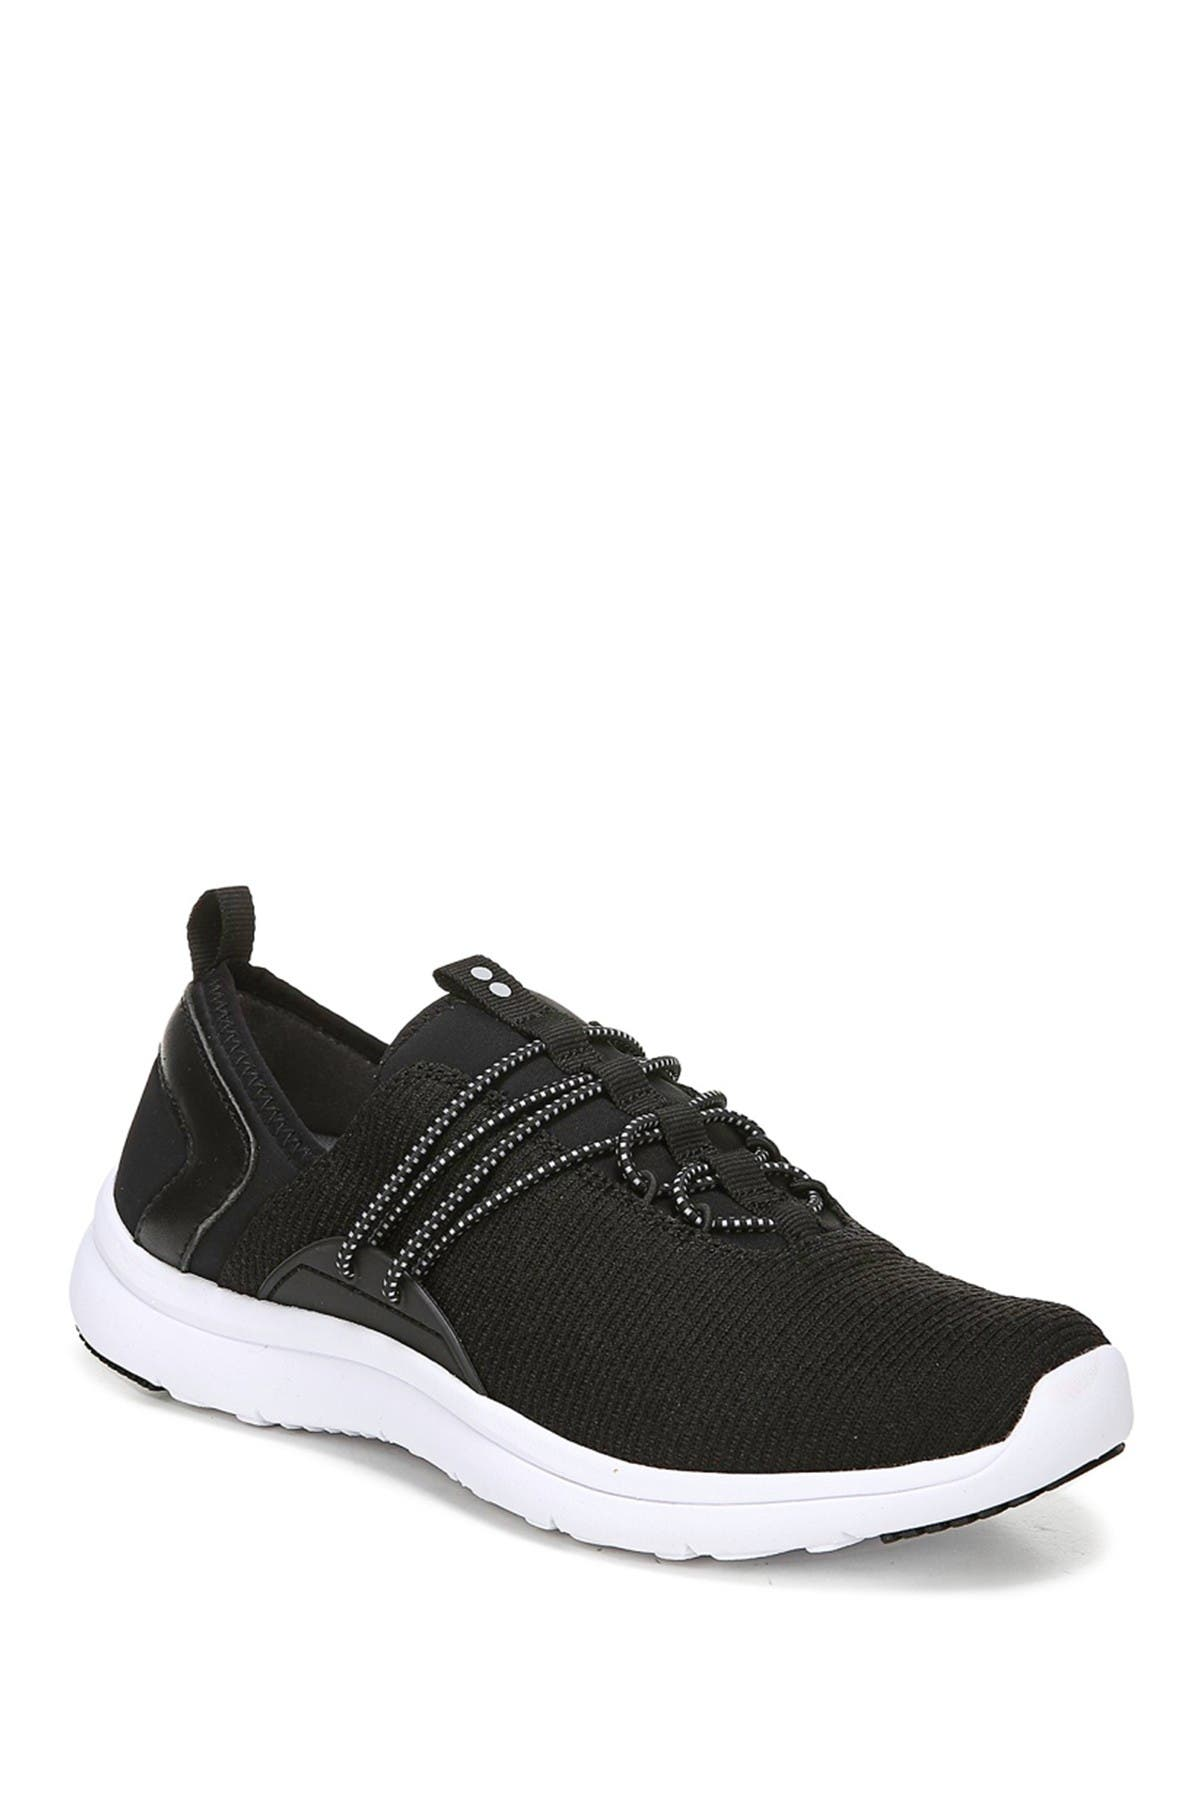 Ryka | Chandra Knit Walking Shoe - Wide